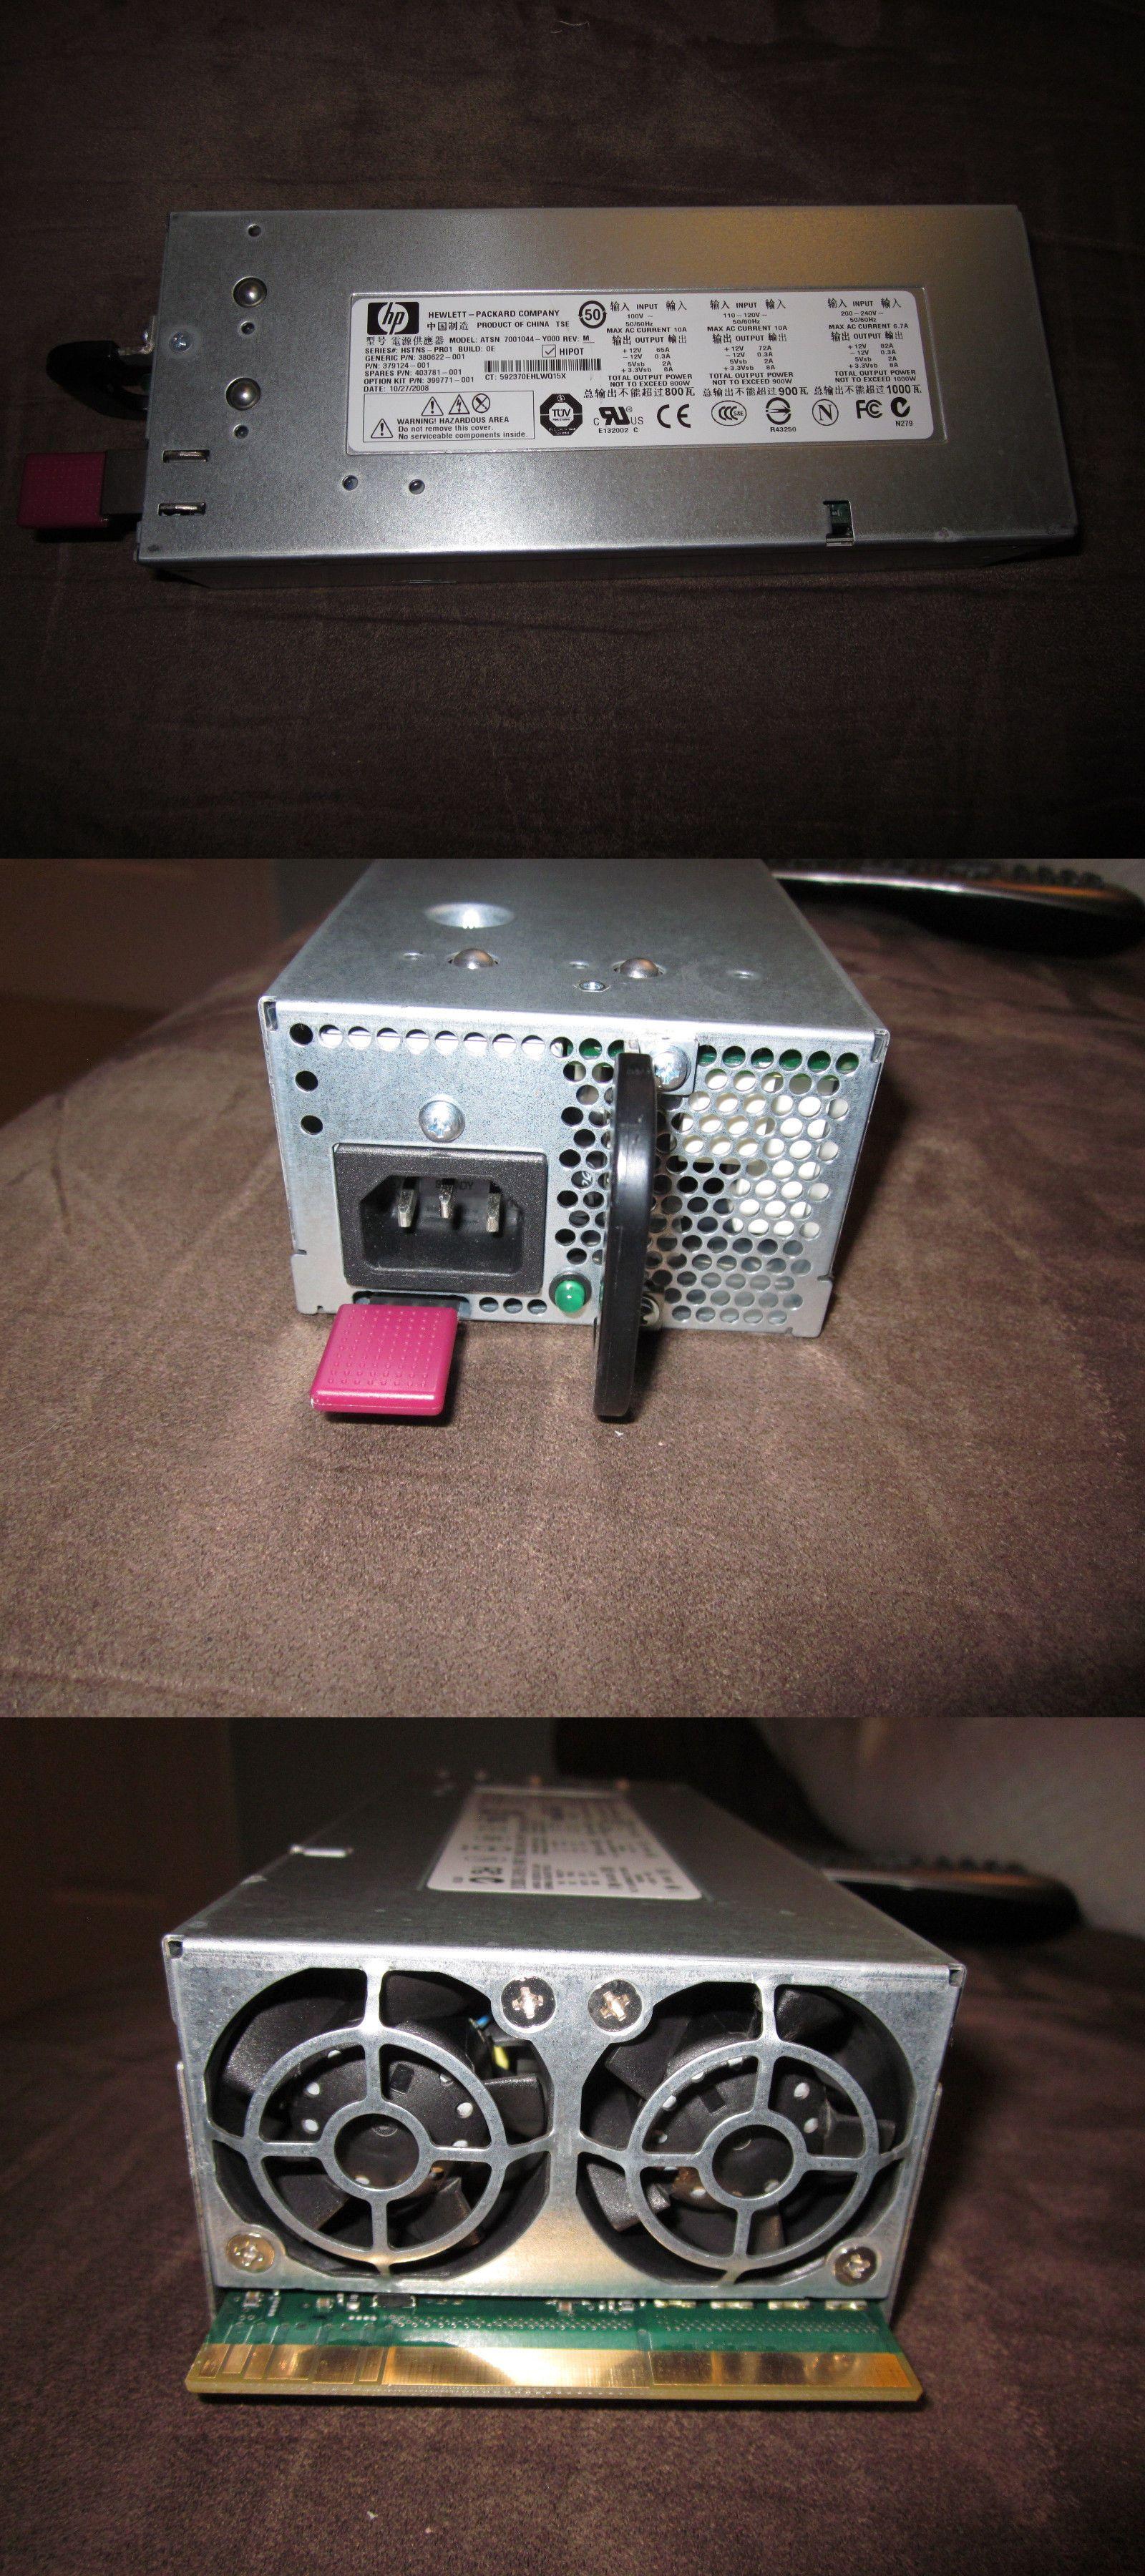 Server Power Supplies 56090 Hewlett Packard Hp Atsn 7001044 Y000 Power Supply 1000w 379124 001 403781 001 Buy It Now Only 29 98 Power Power Supply Server